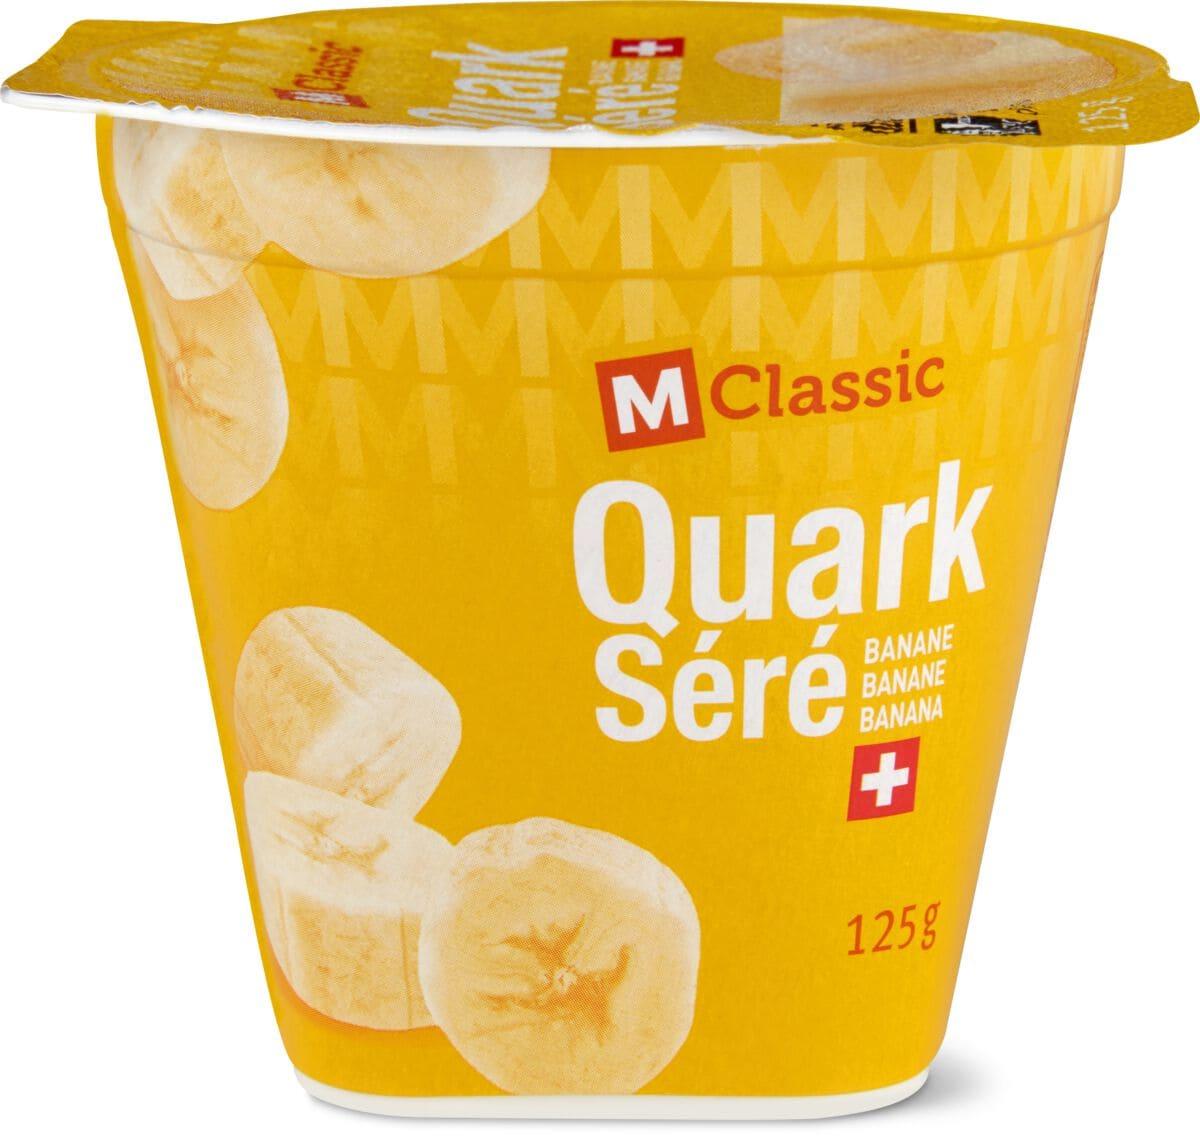 M-Classic Quark Banane